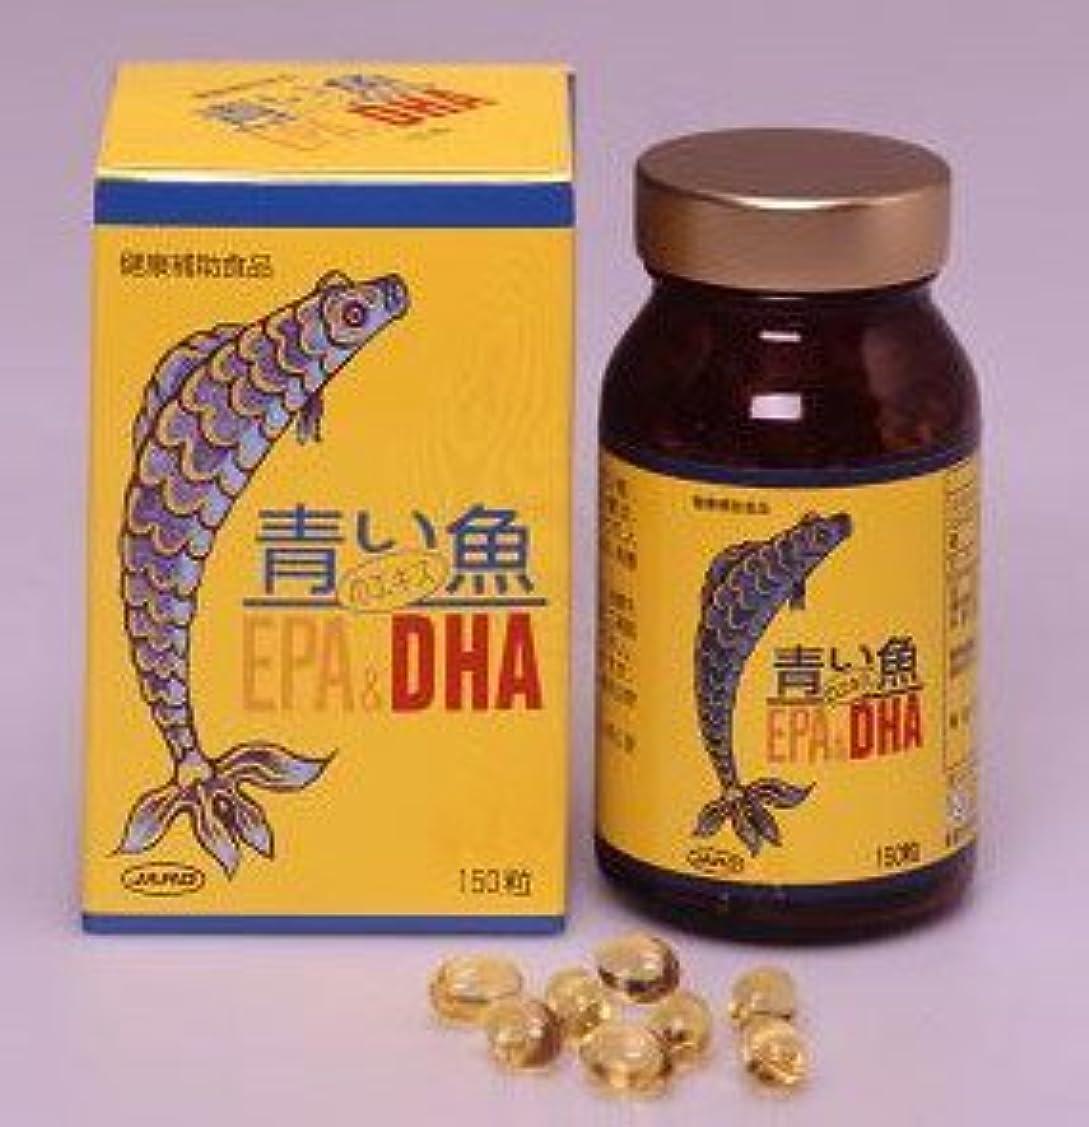 キャメルチョークダブル青い魚のエキスEPA&DHA(単品)ジャード